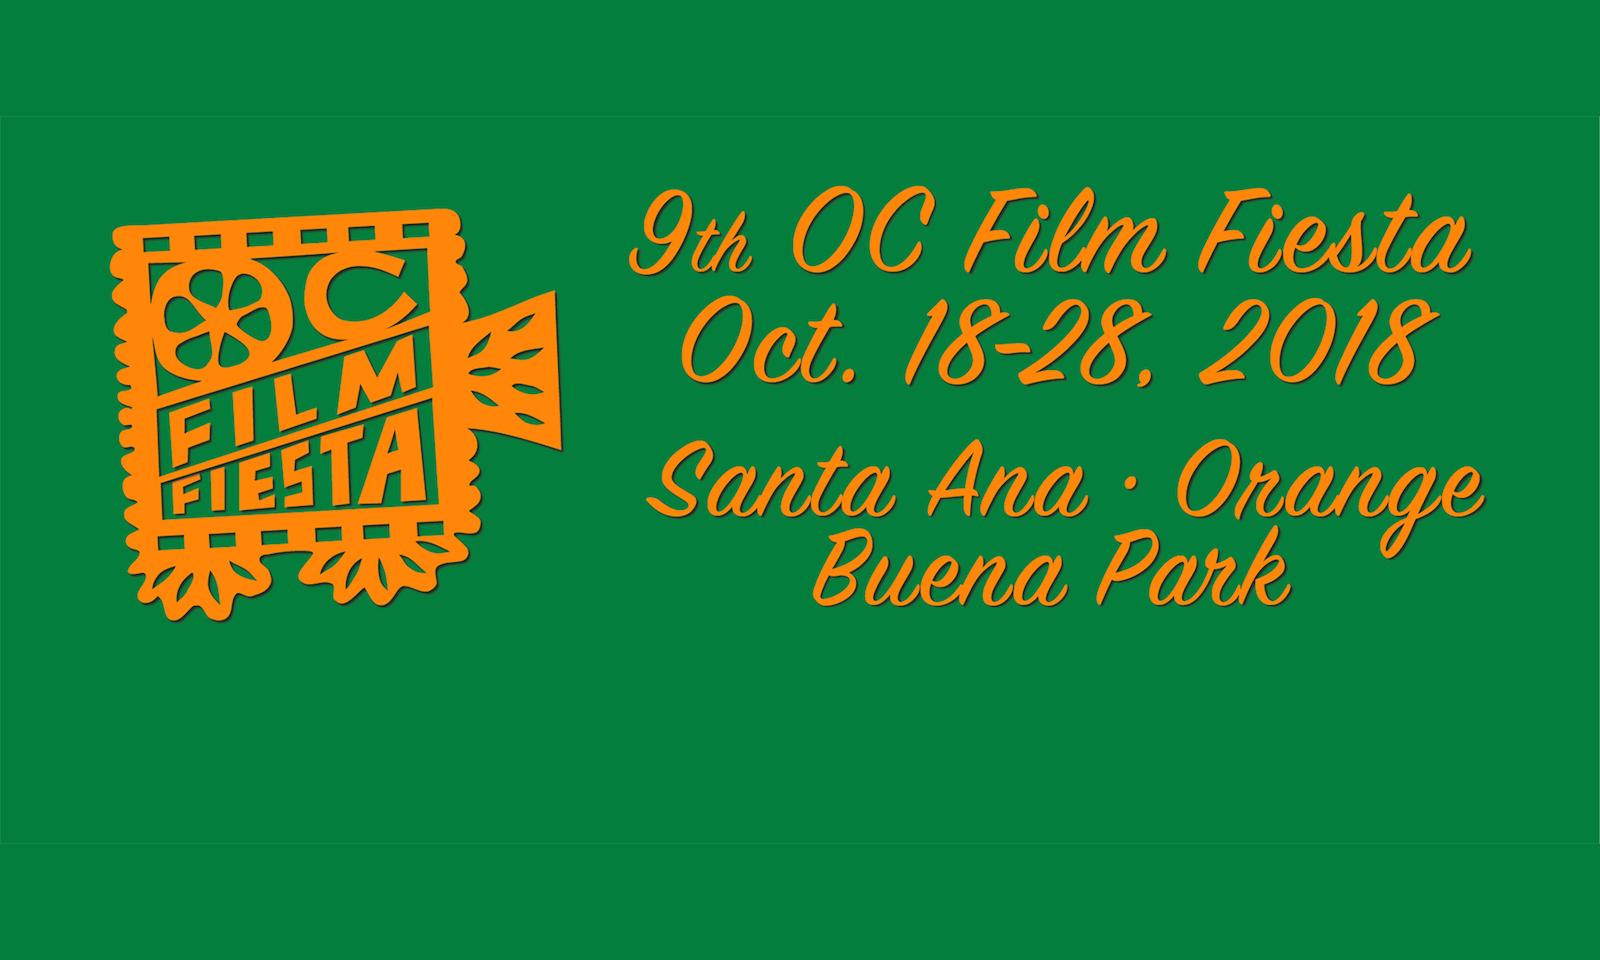 2018 OC FIlm Fiesta